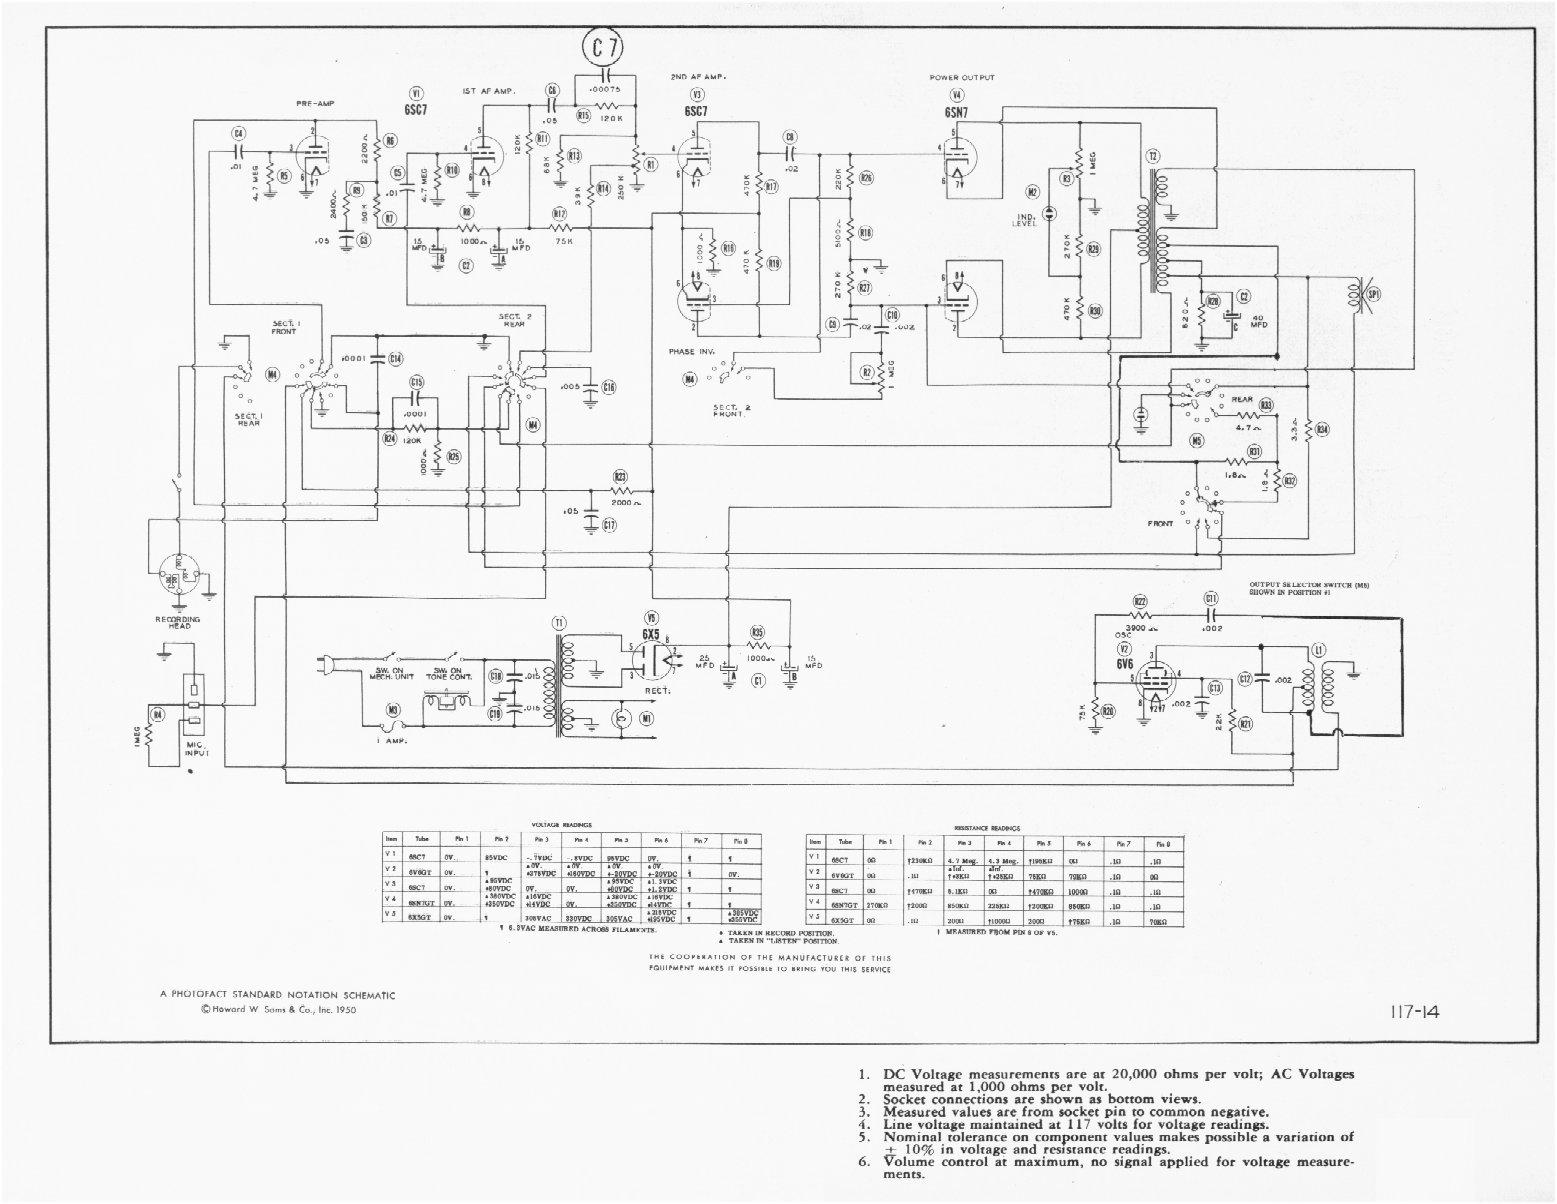 motor wire schematic